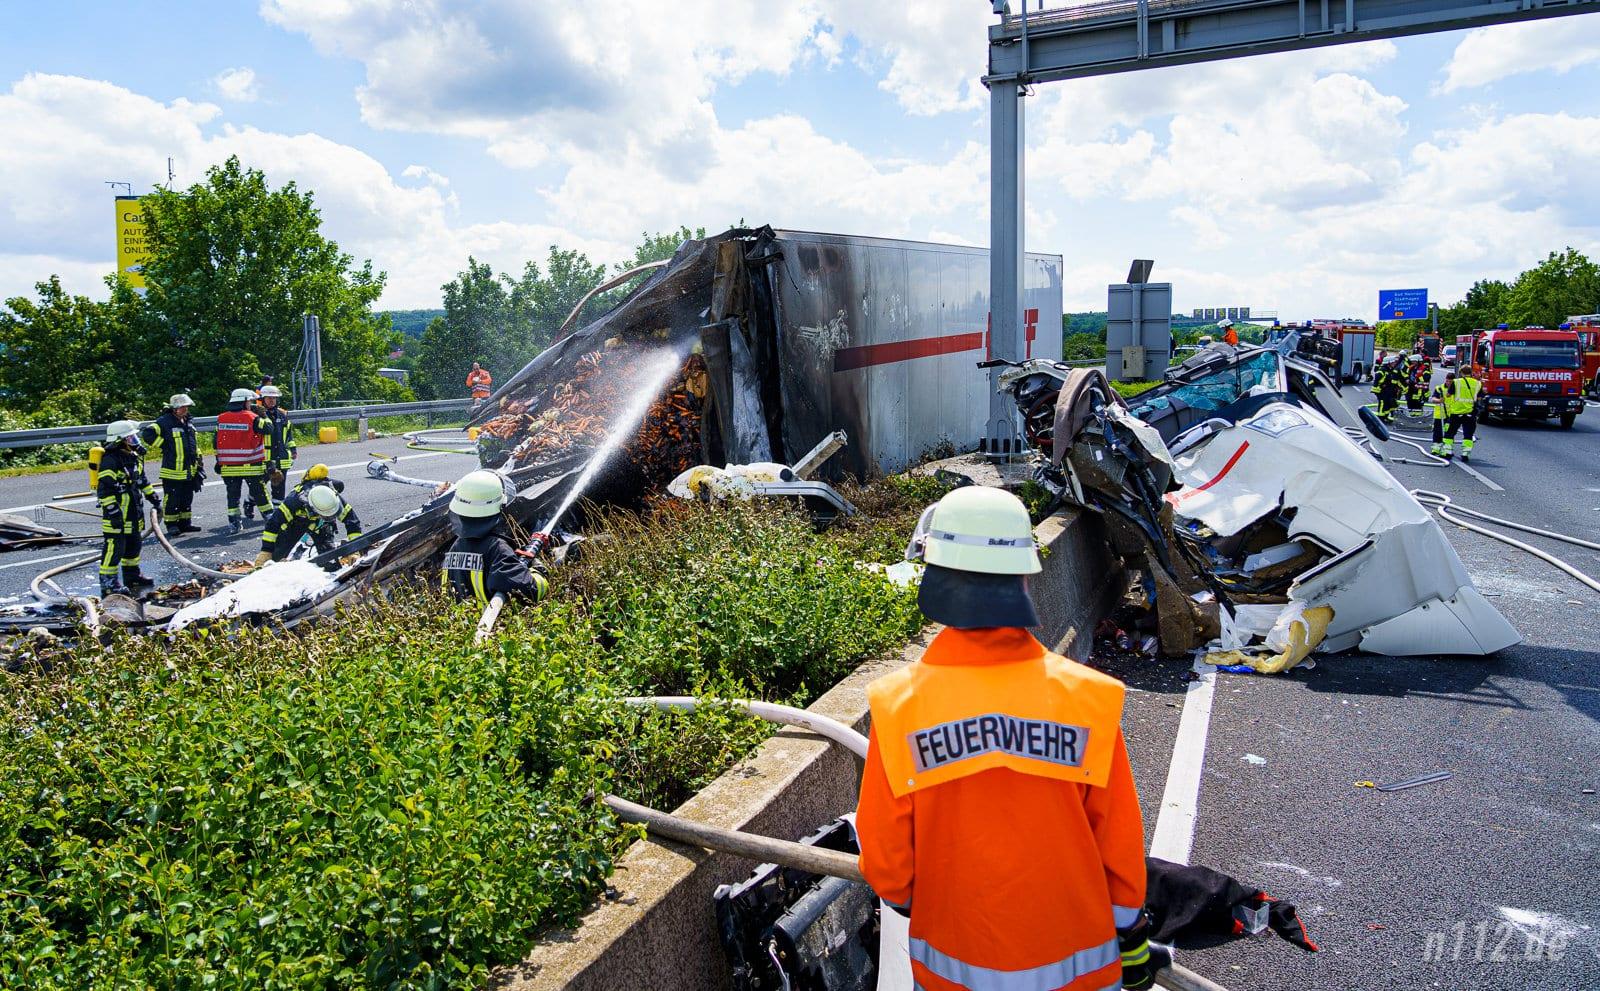 Die Unfallstelle auf der A2: Links steht der Anhänger, rechts auf der Fahrbahn Richtung Dortmund liegt die abgerissene Kabine (Foto: n112.de/Stefan Simonsen)